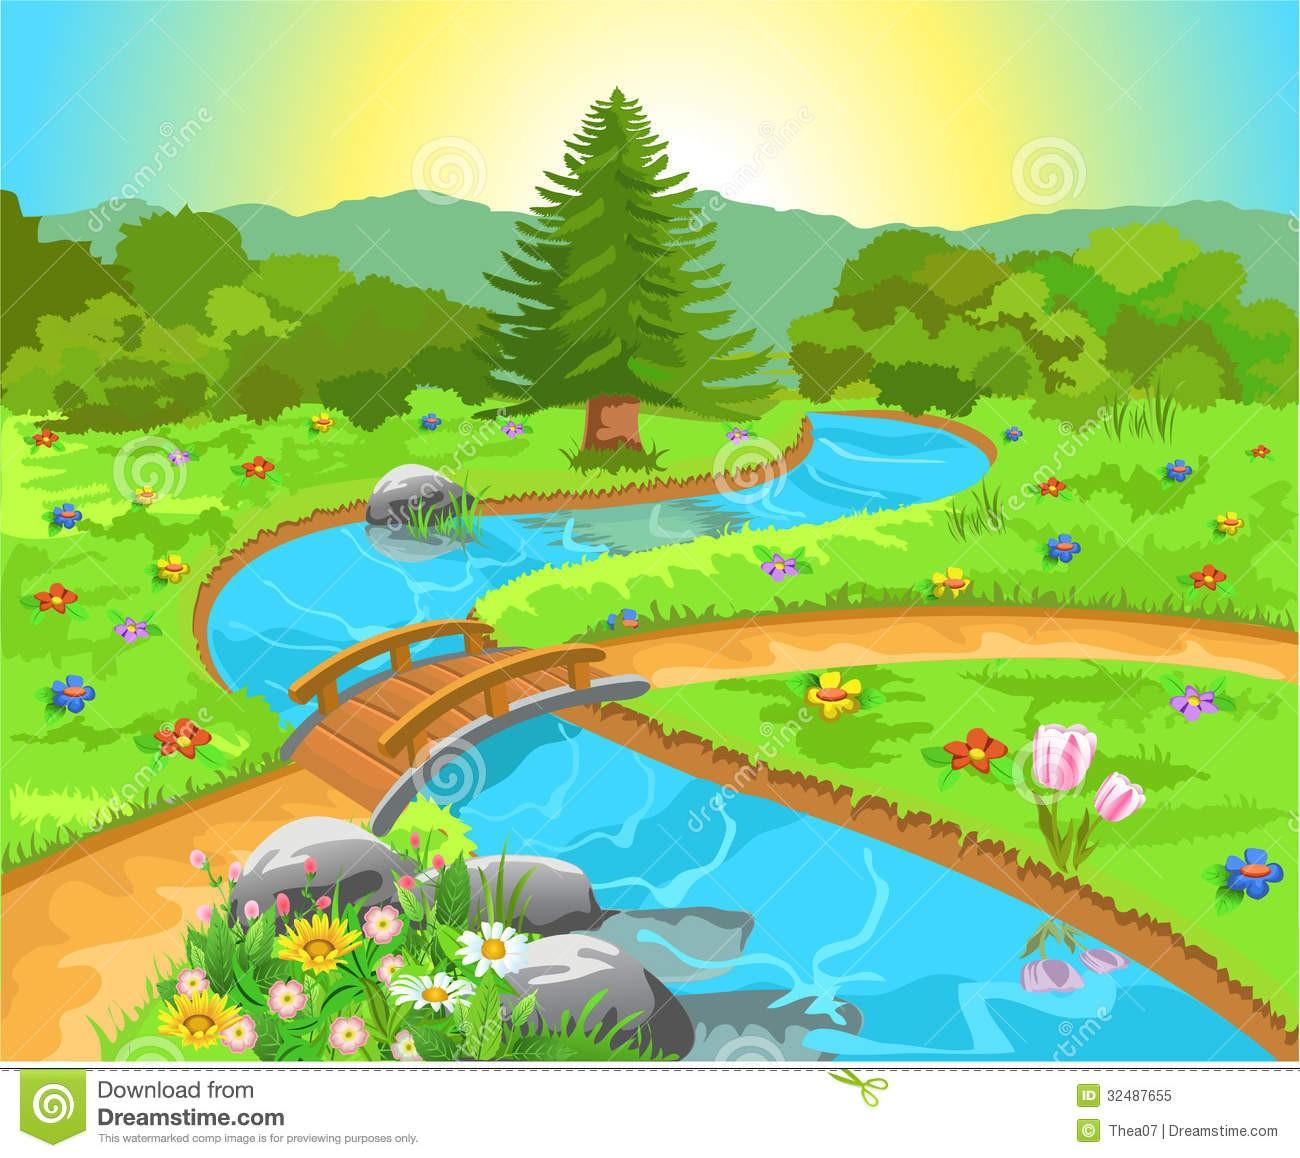 Clipart nature scenes clip In Clipart Of Nature Spring Scenes 1 | Clip Art clip